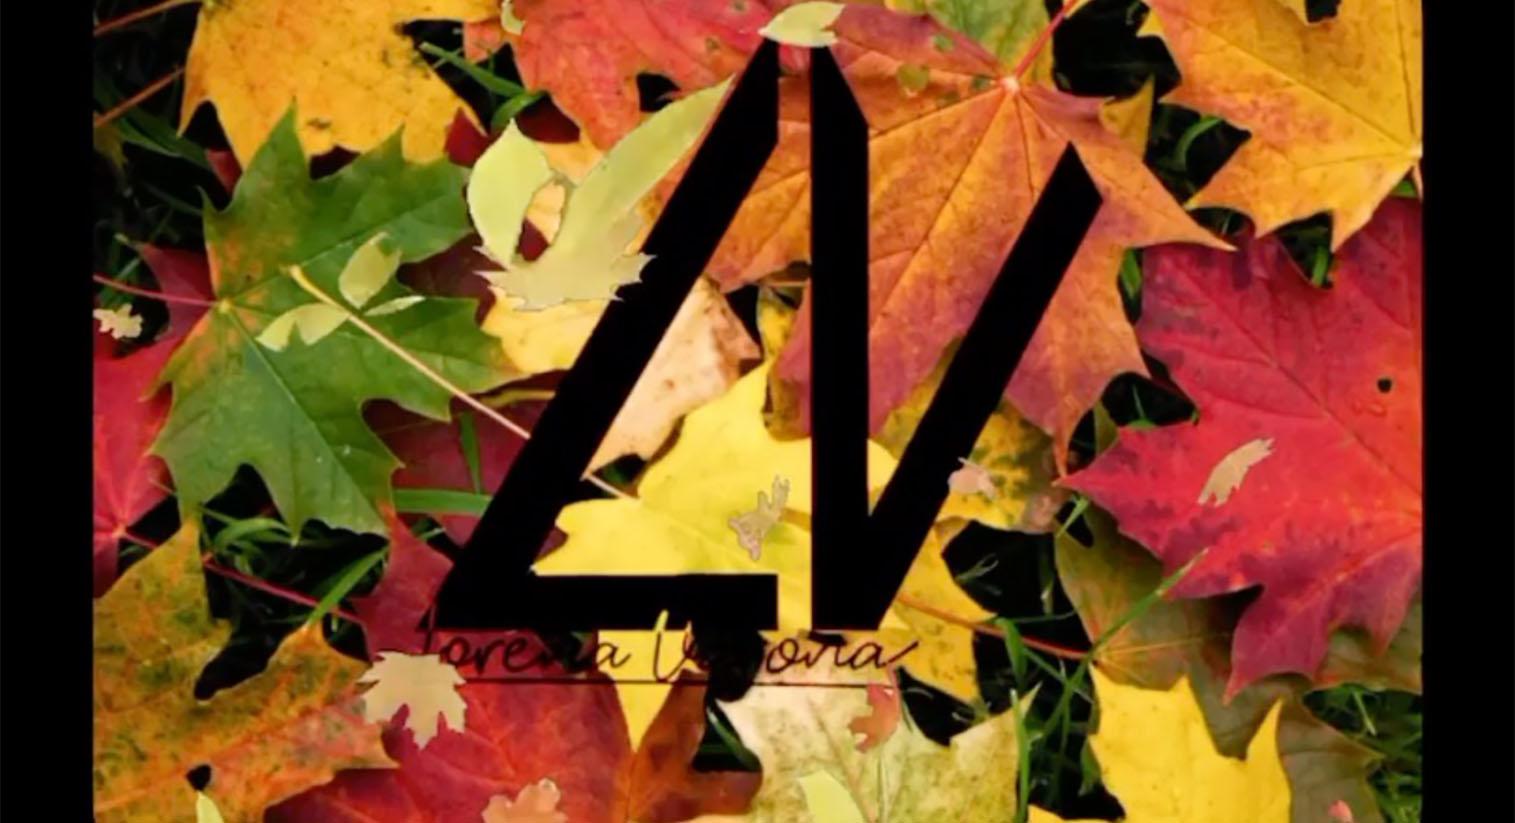 La caída del cabello durante otoño